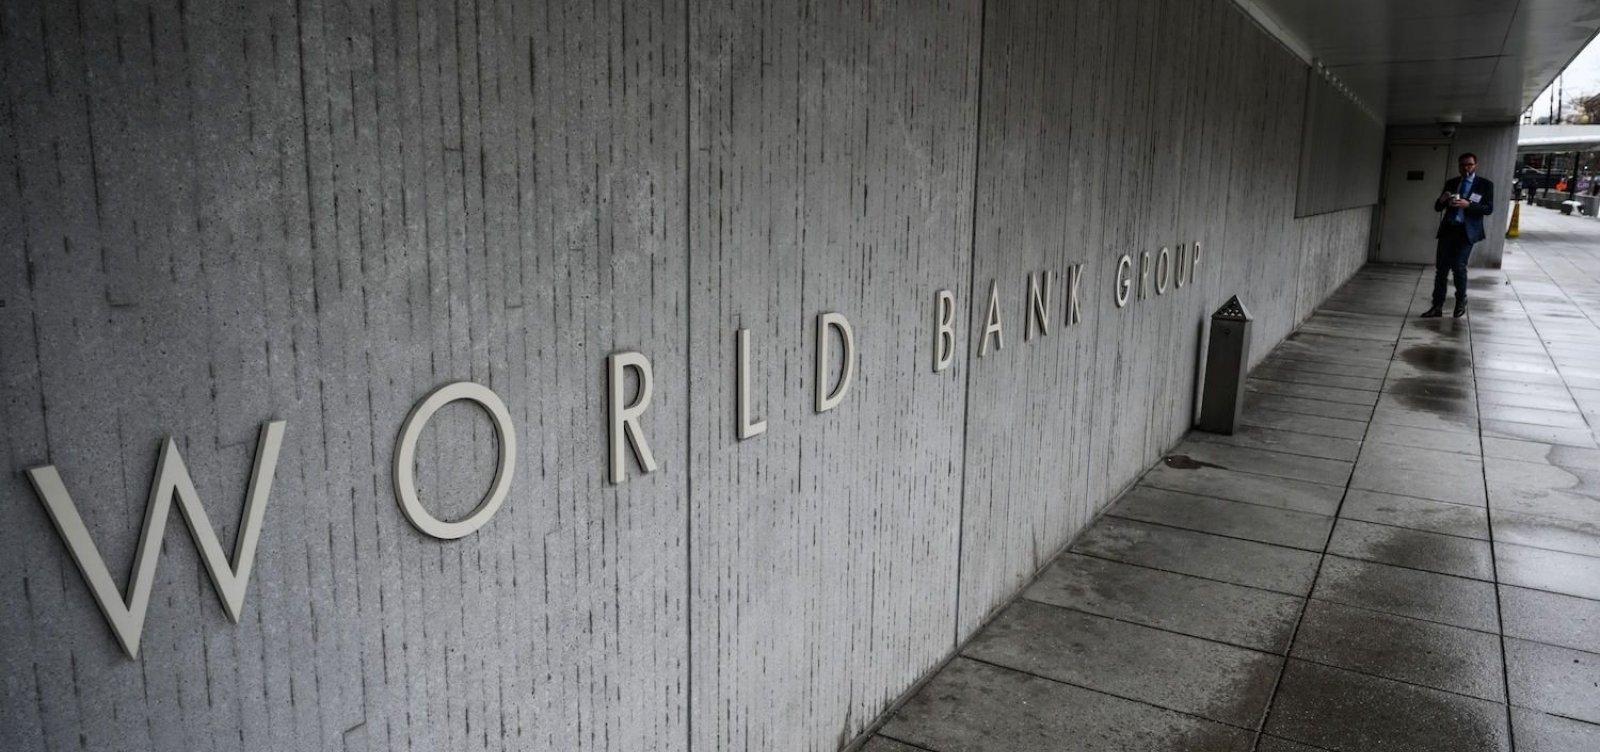 [Banco Mundial diz que, se aprovado, Weintraub só ficará até outubro como diretor]